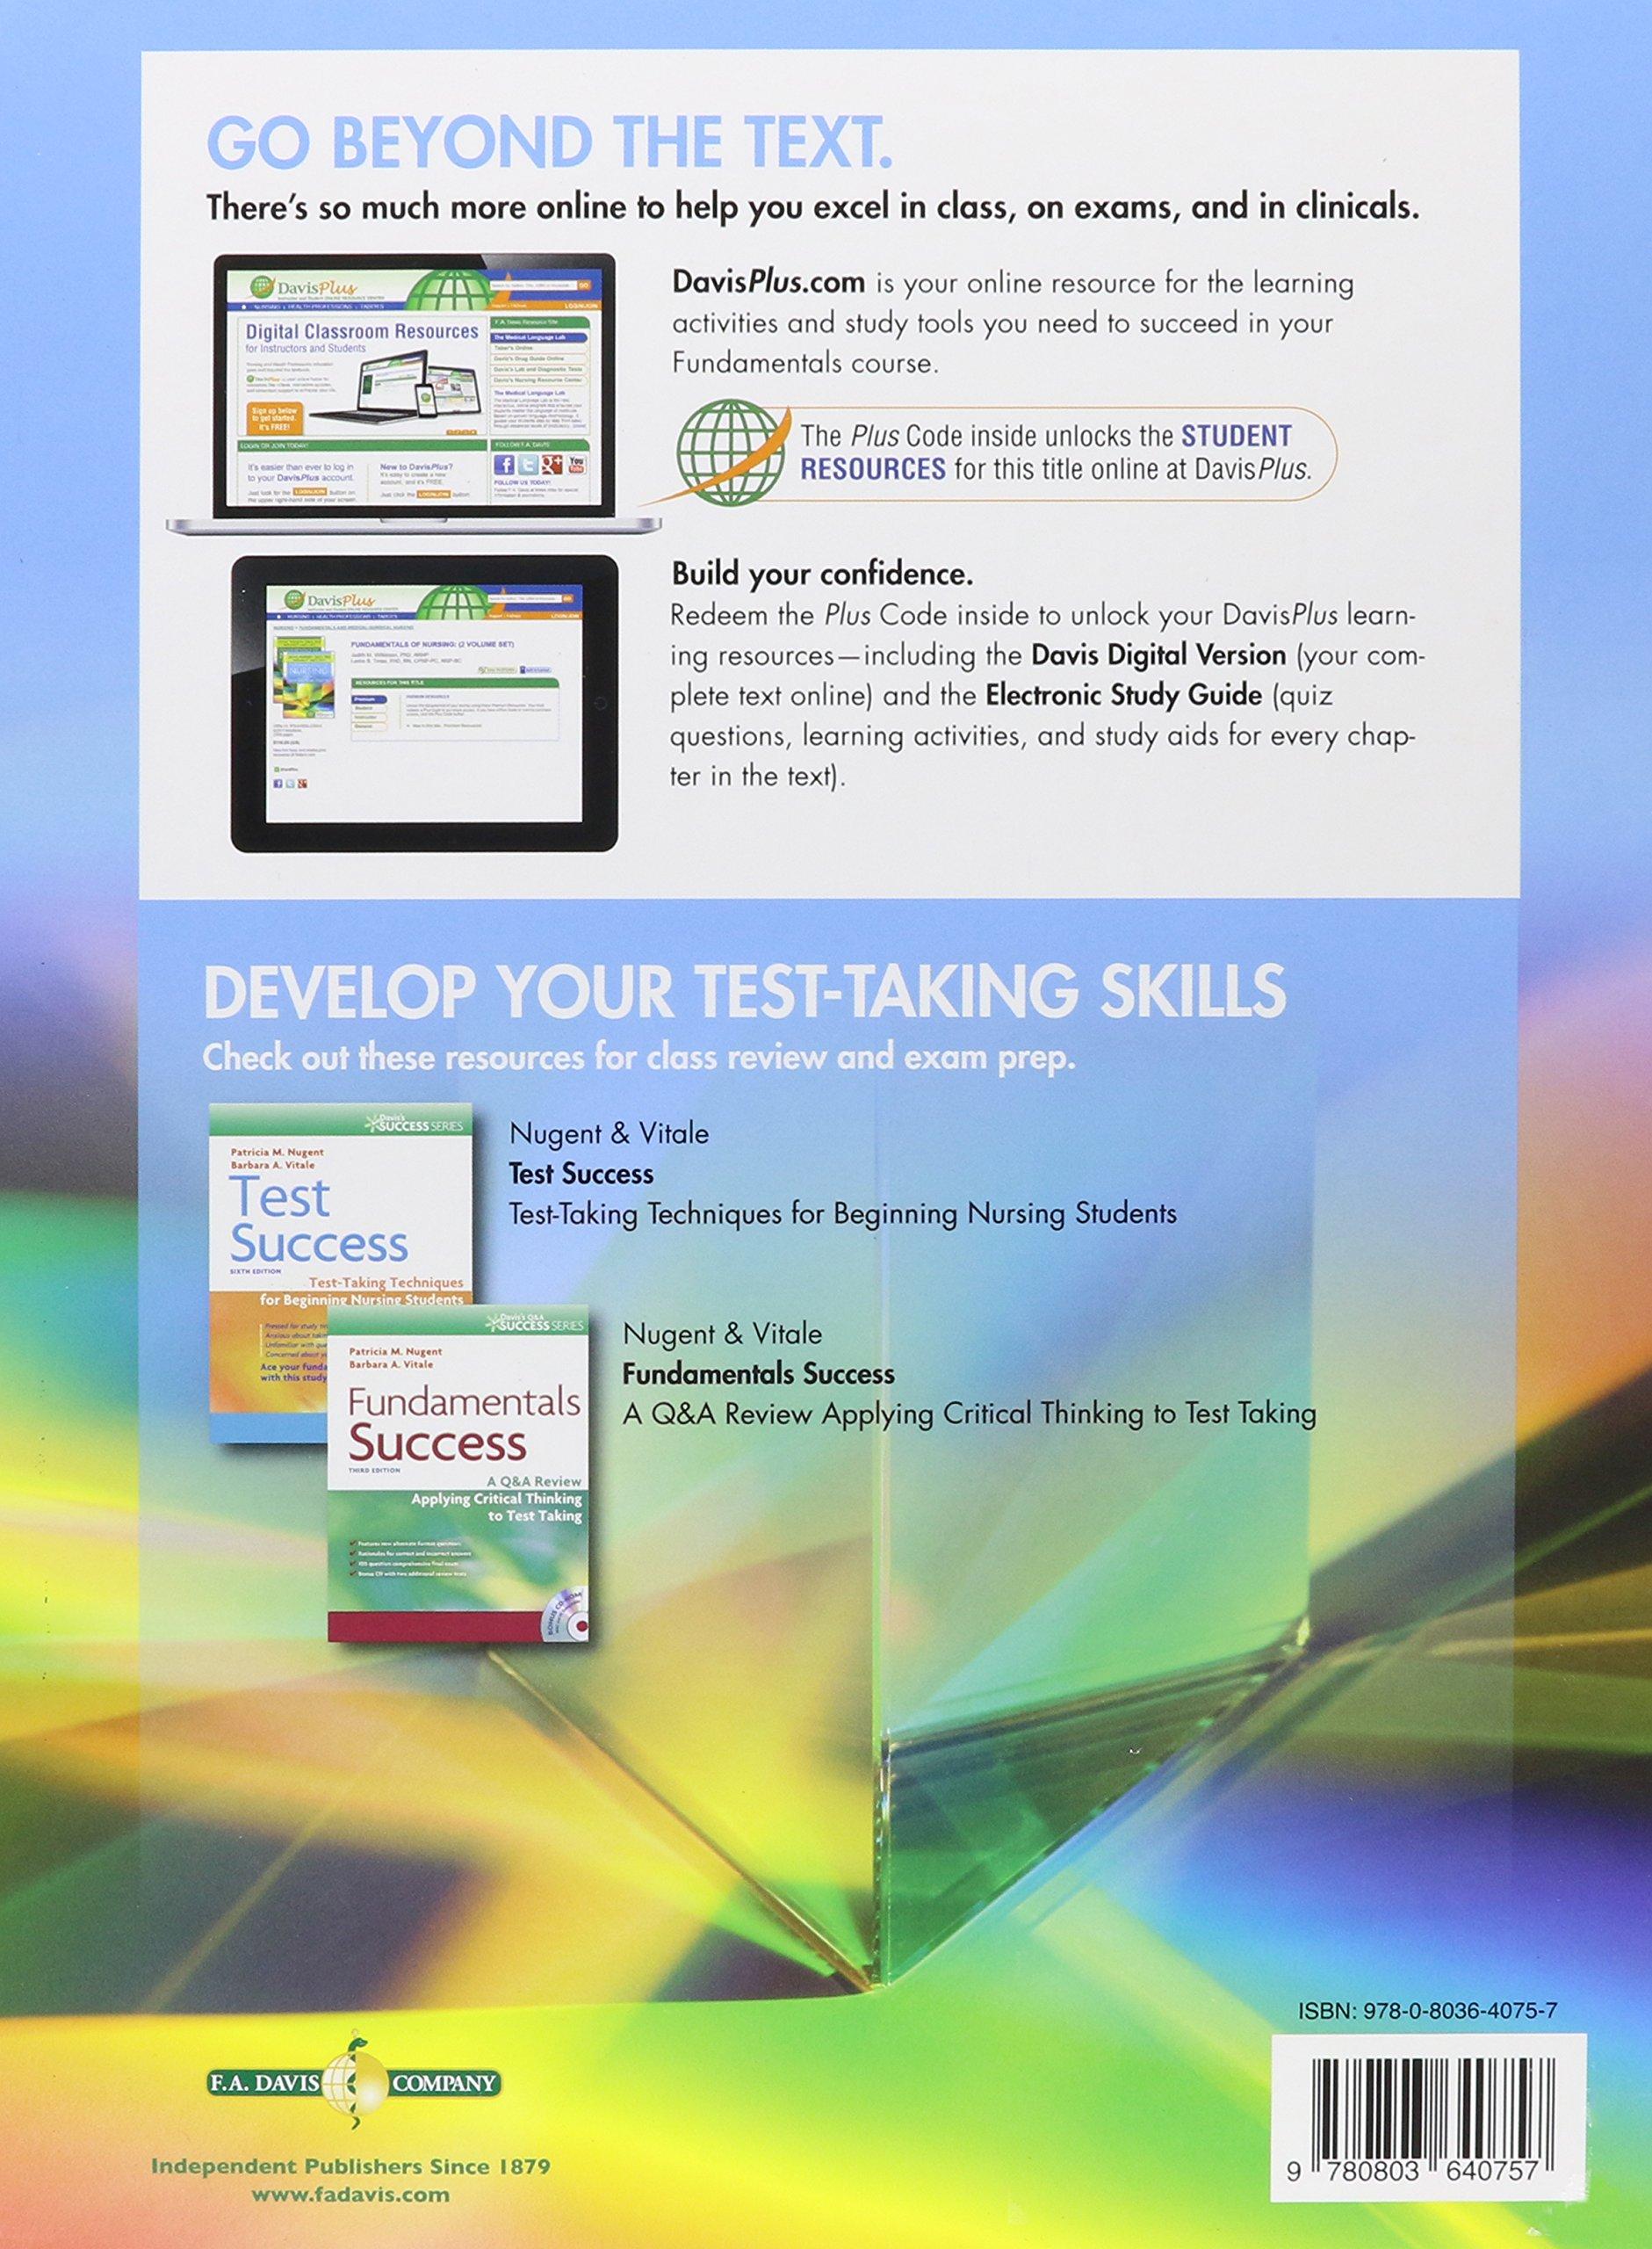 davis online resources